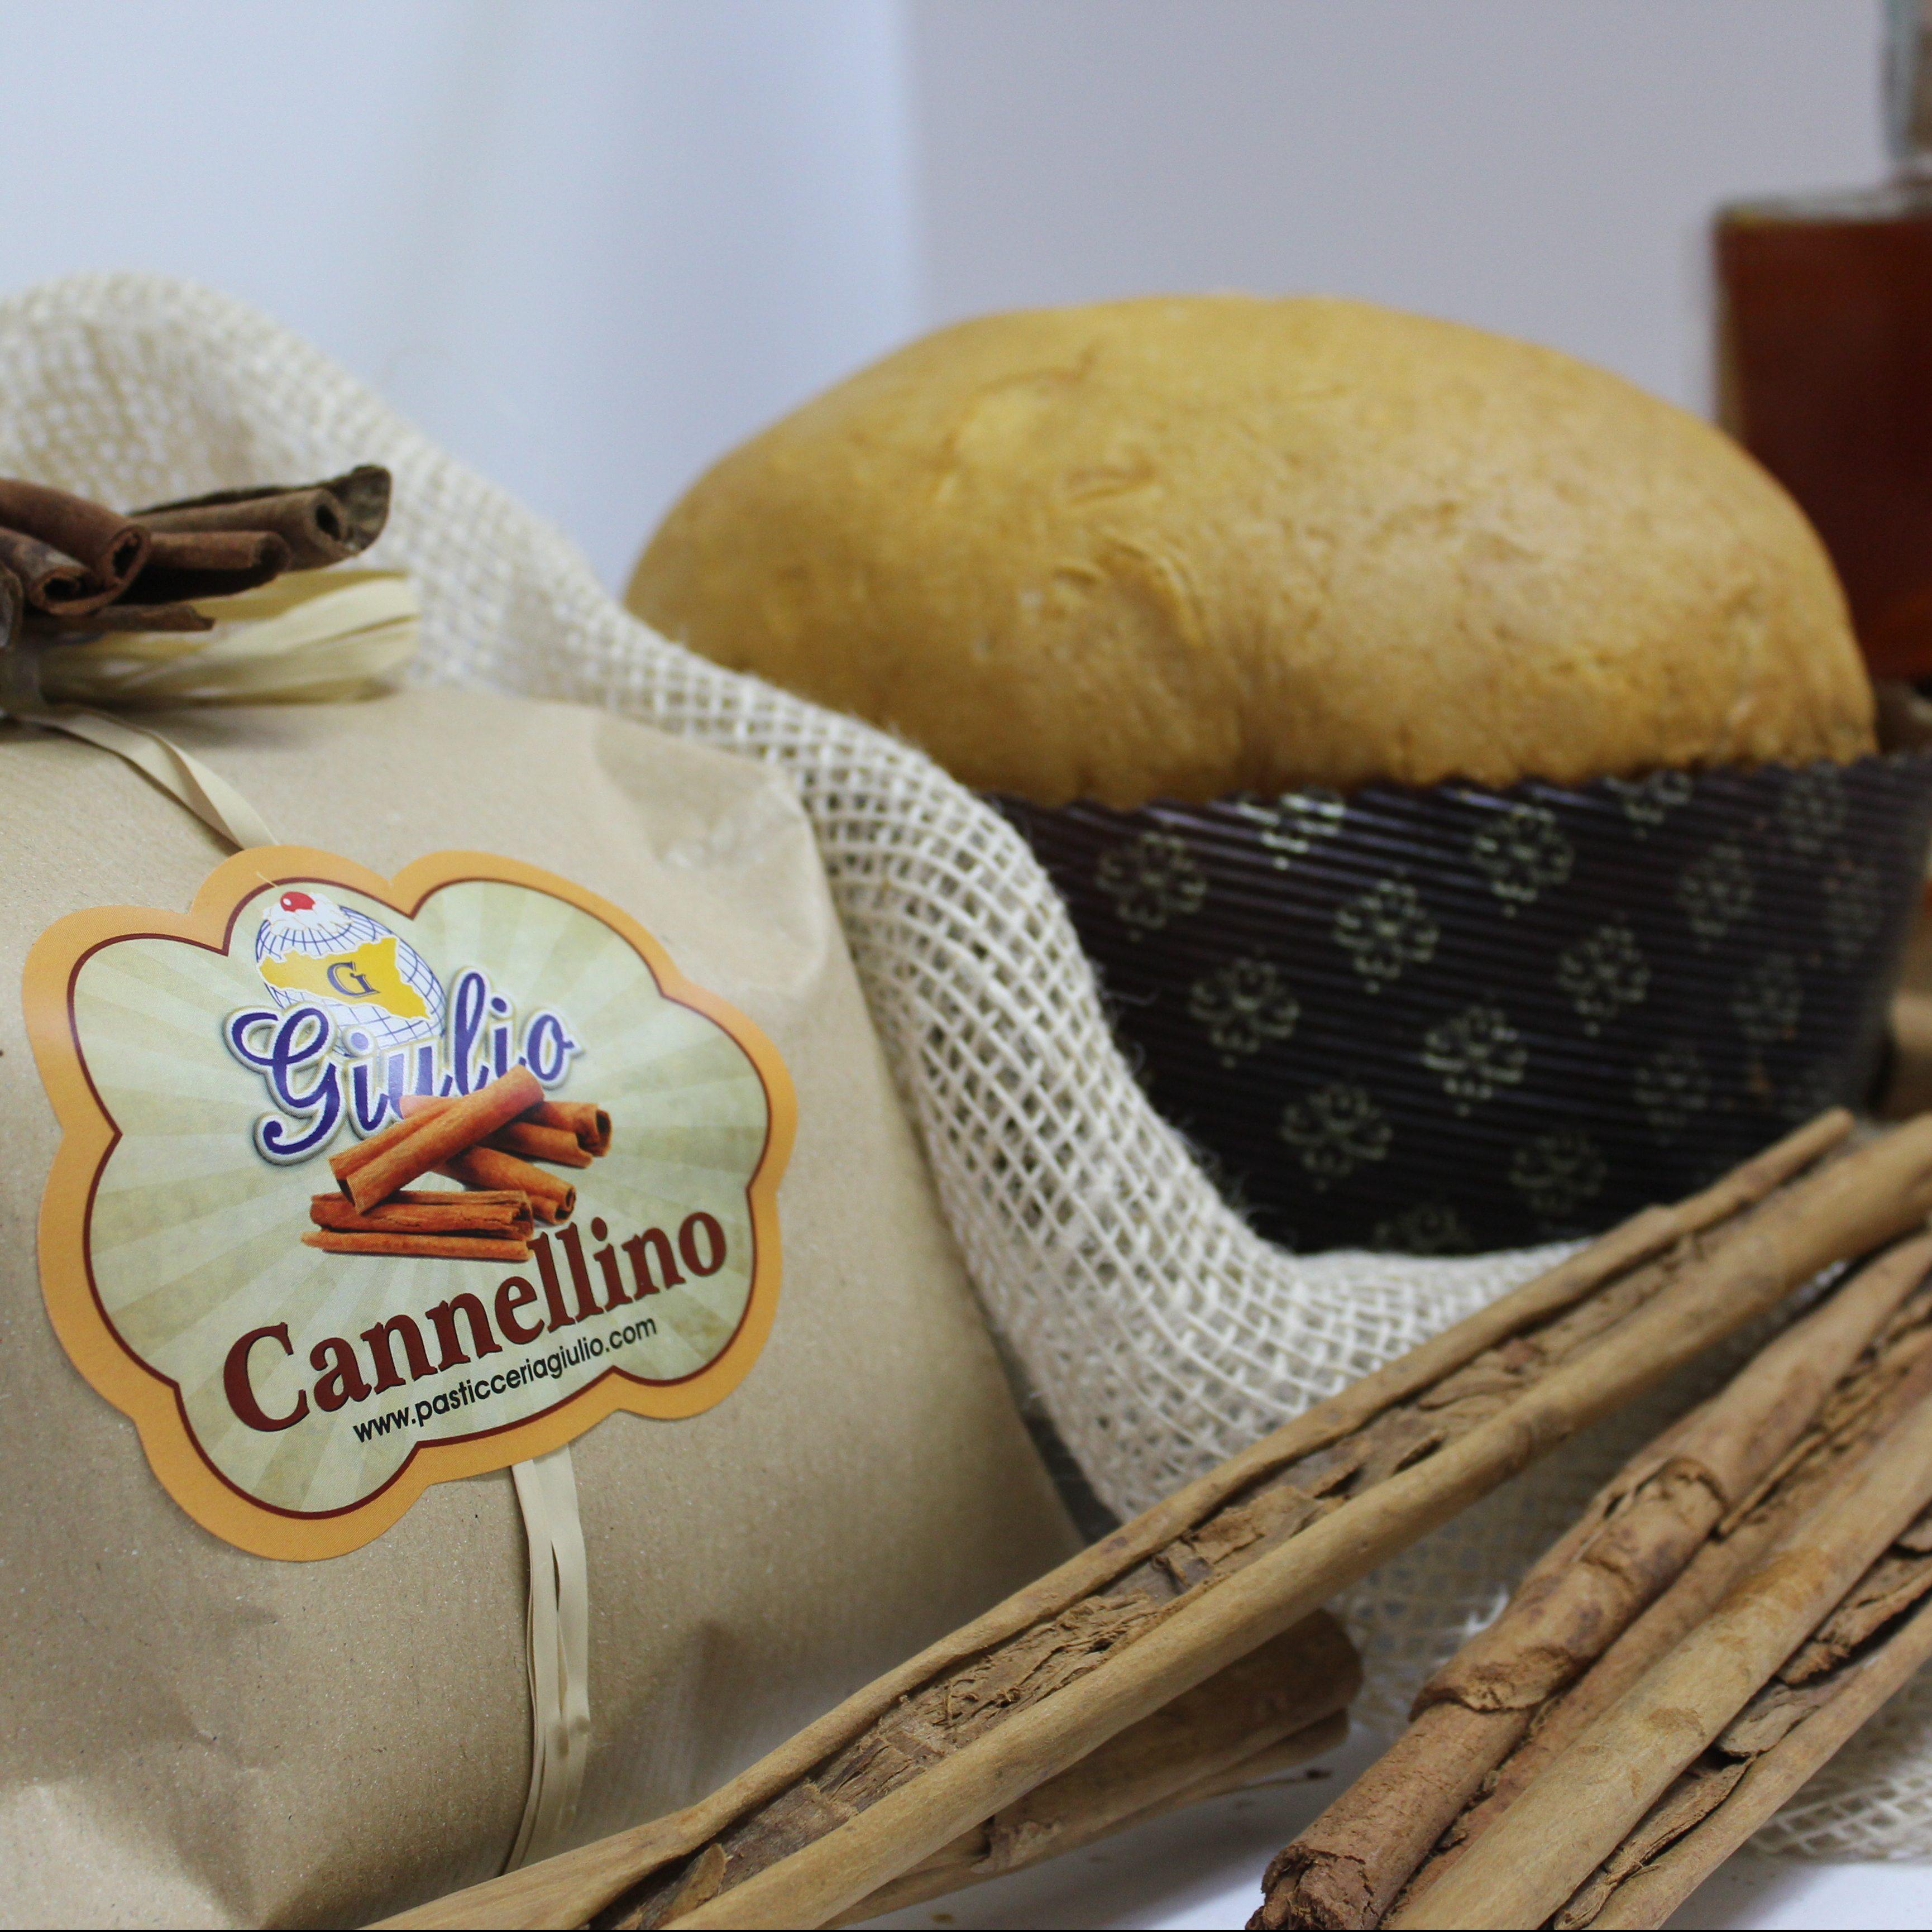 Cannellino